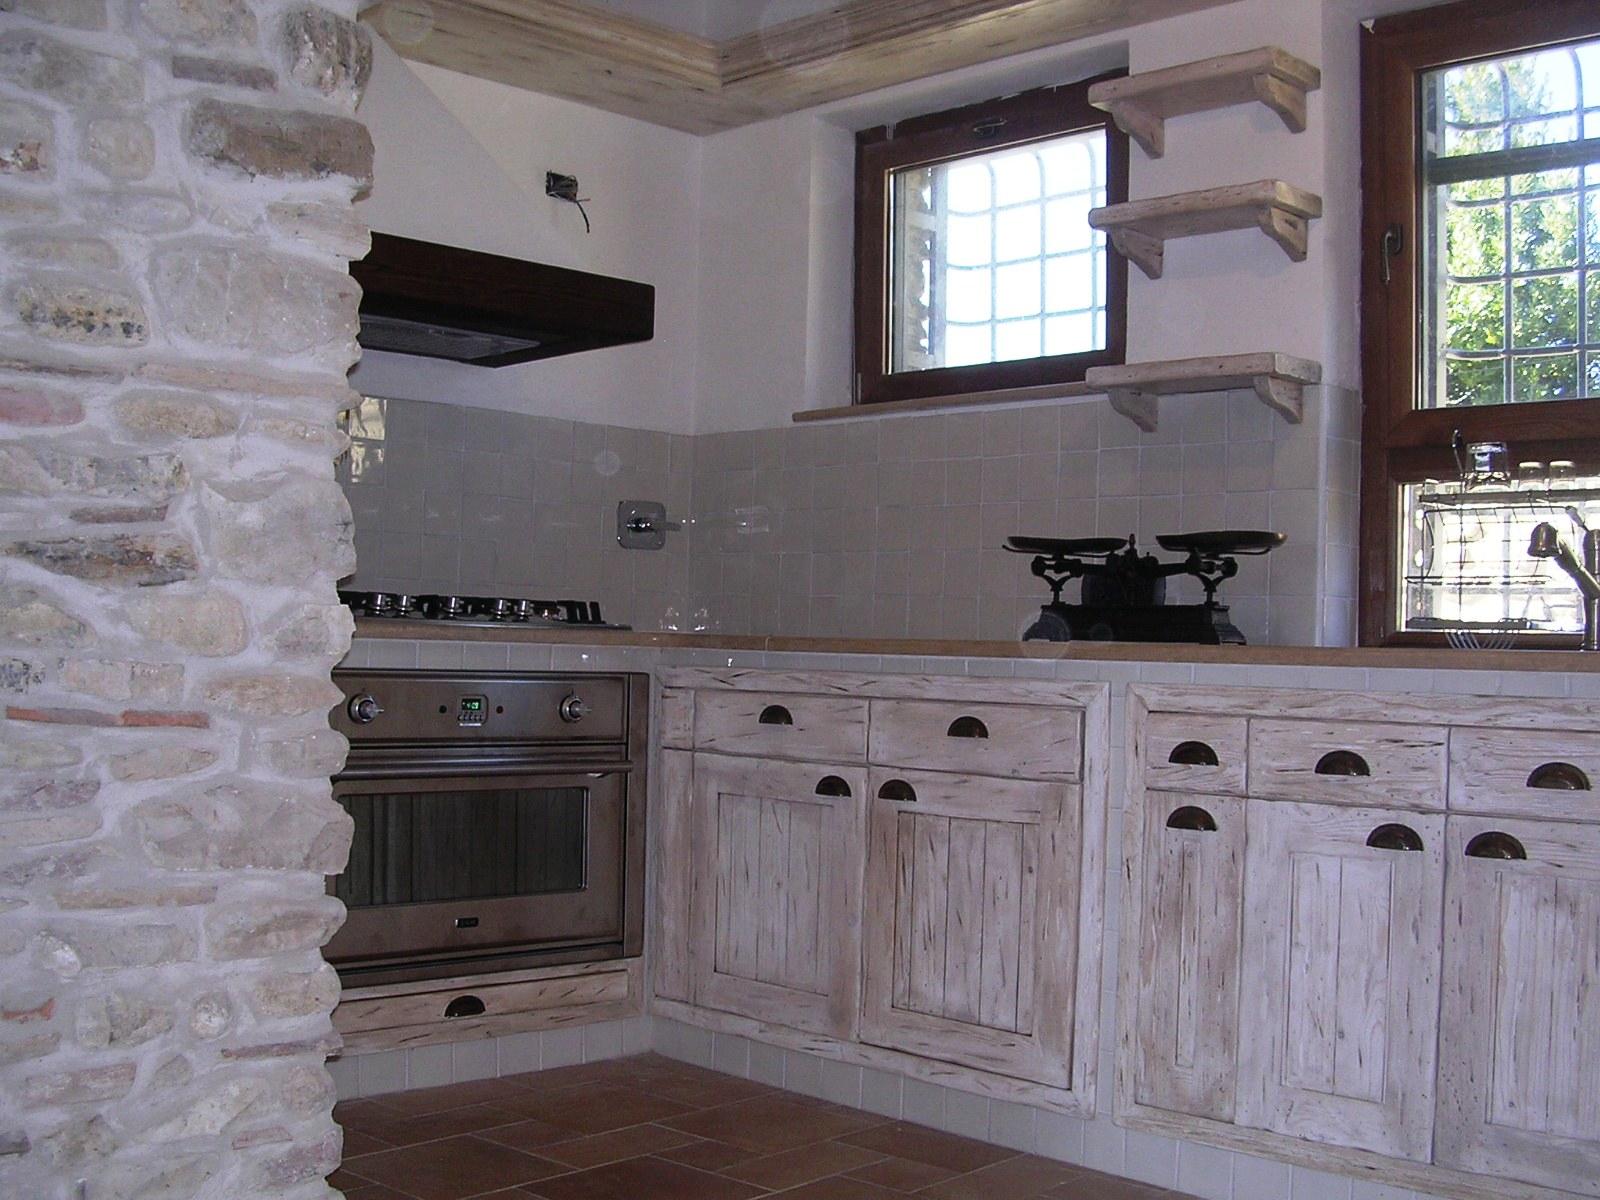 Cucine falegnameria rd arredamenti s r l roma armadi su for Ad arredamenti roma